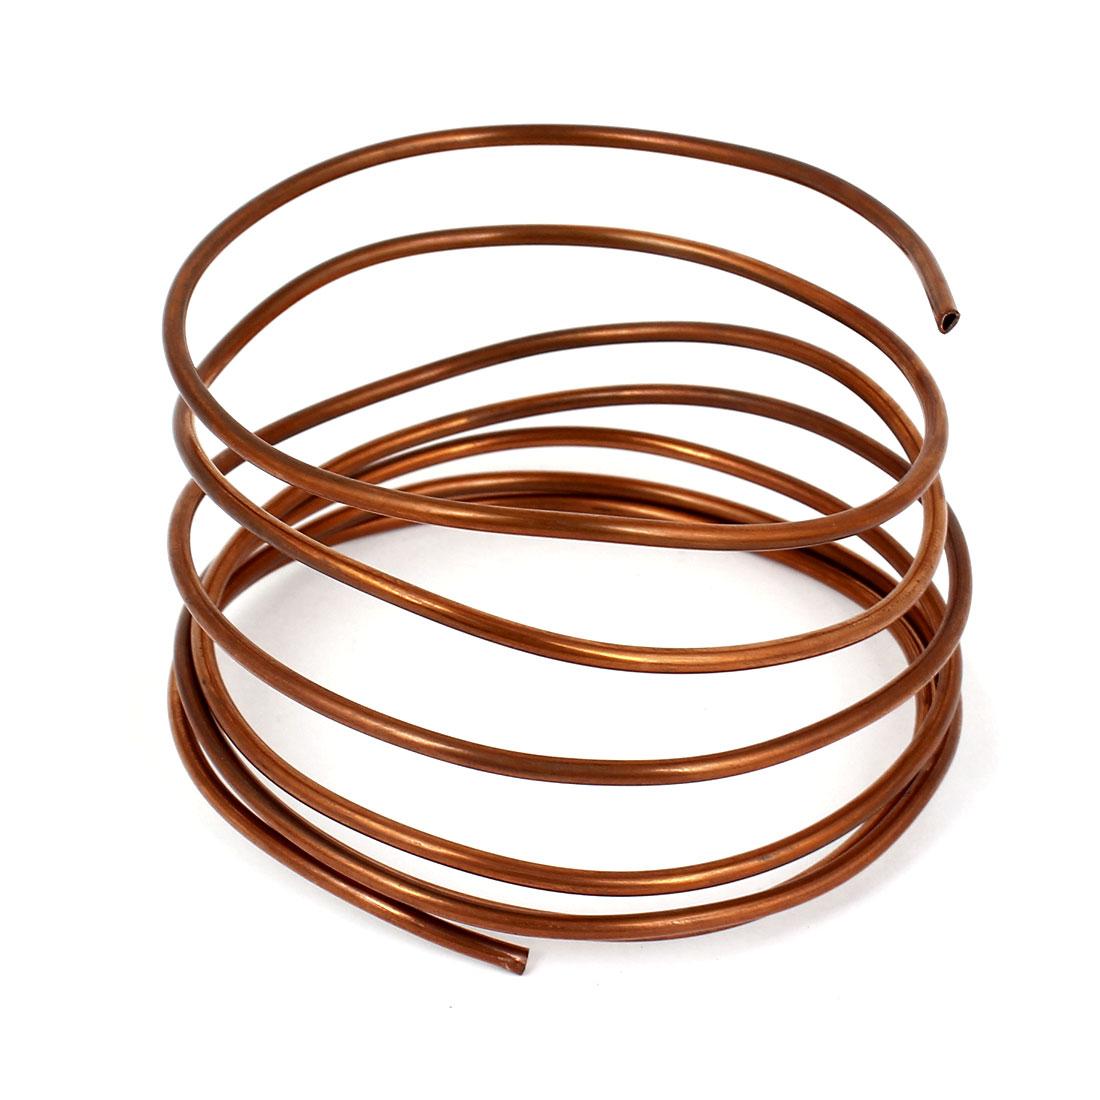 Copper Tone Refrigerator Refrigeration Tubing Coil 3.0mm Dia 2m Length